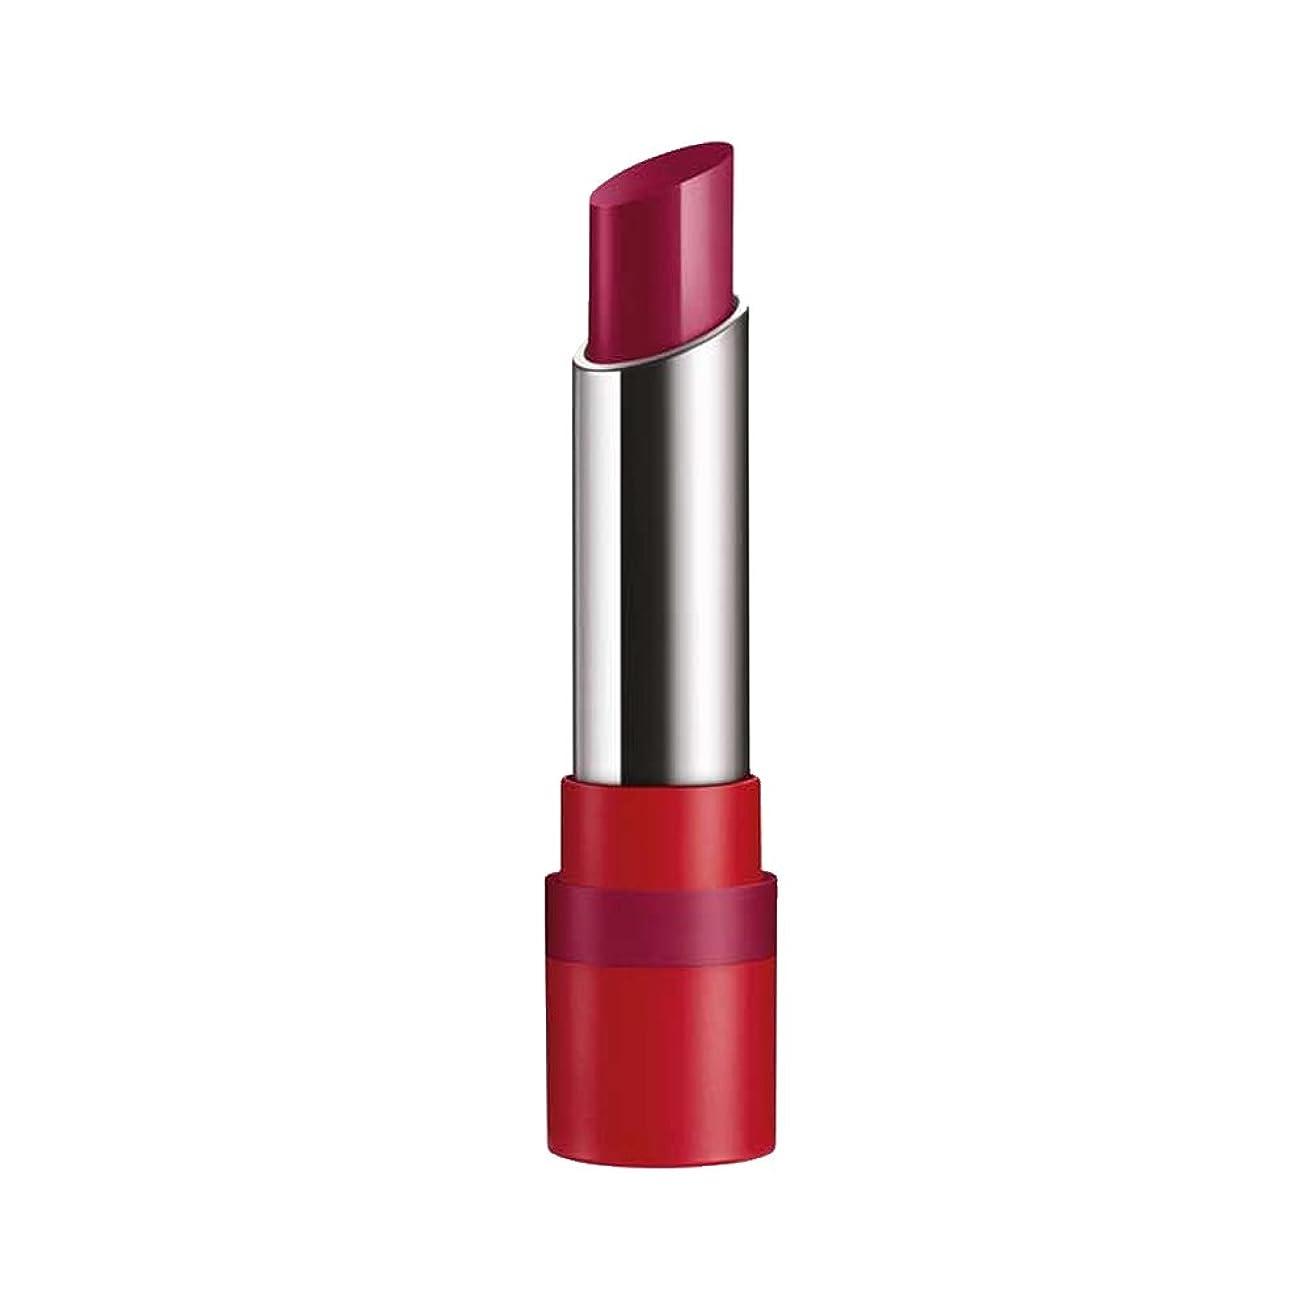 成熟した情熱薄汚い(6 Pack) RIMMEL LONDON The Only 1 Matte Lipstick - The Matte Factor (並行輸入品)